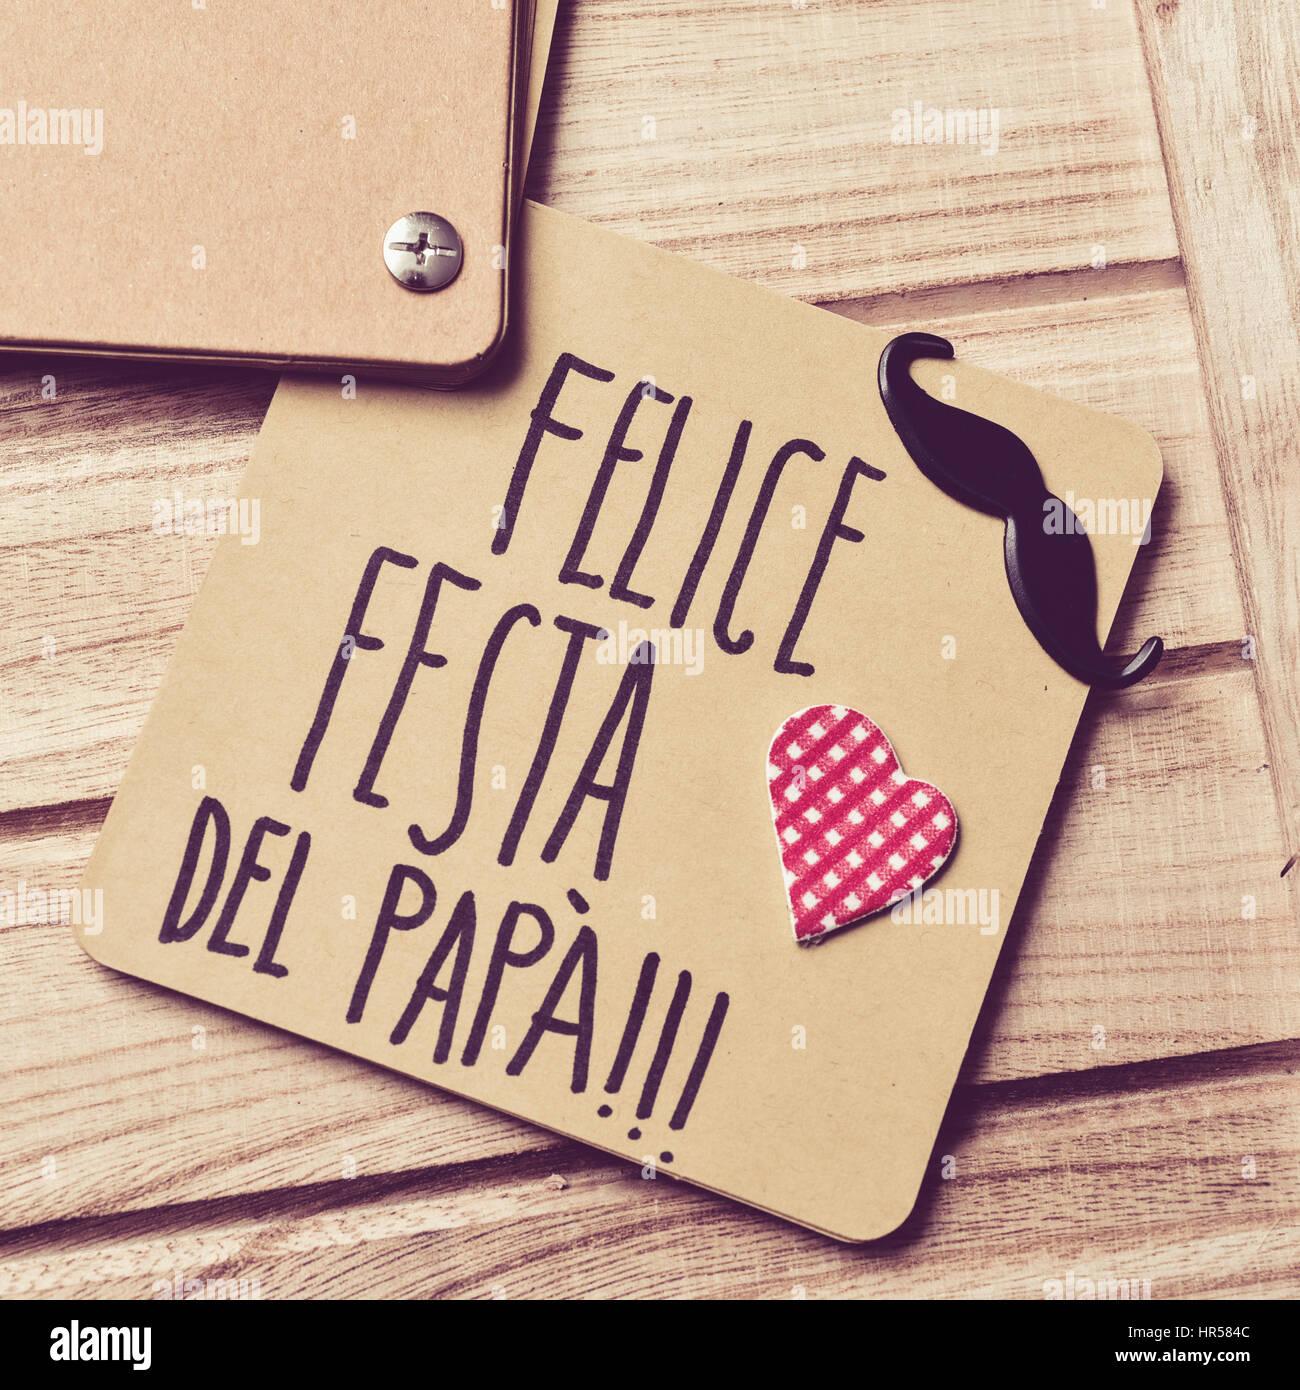 Le texte felice Festa del Papa, happy fathers day écrit en italien dans un morceau de papier brun, une moustache Photo Stock